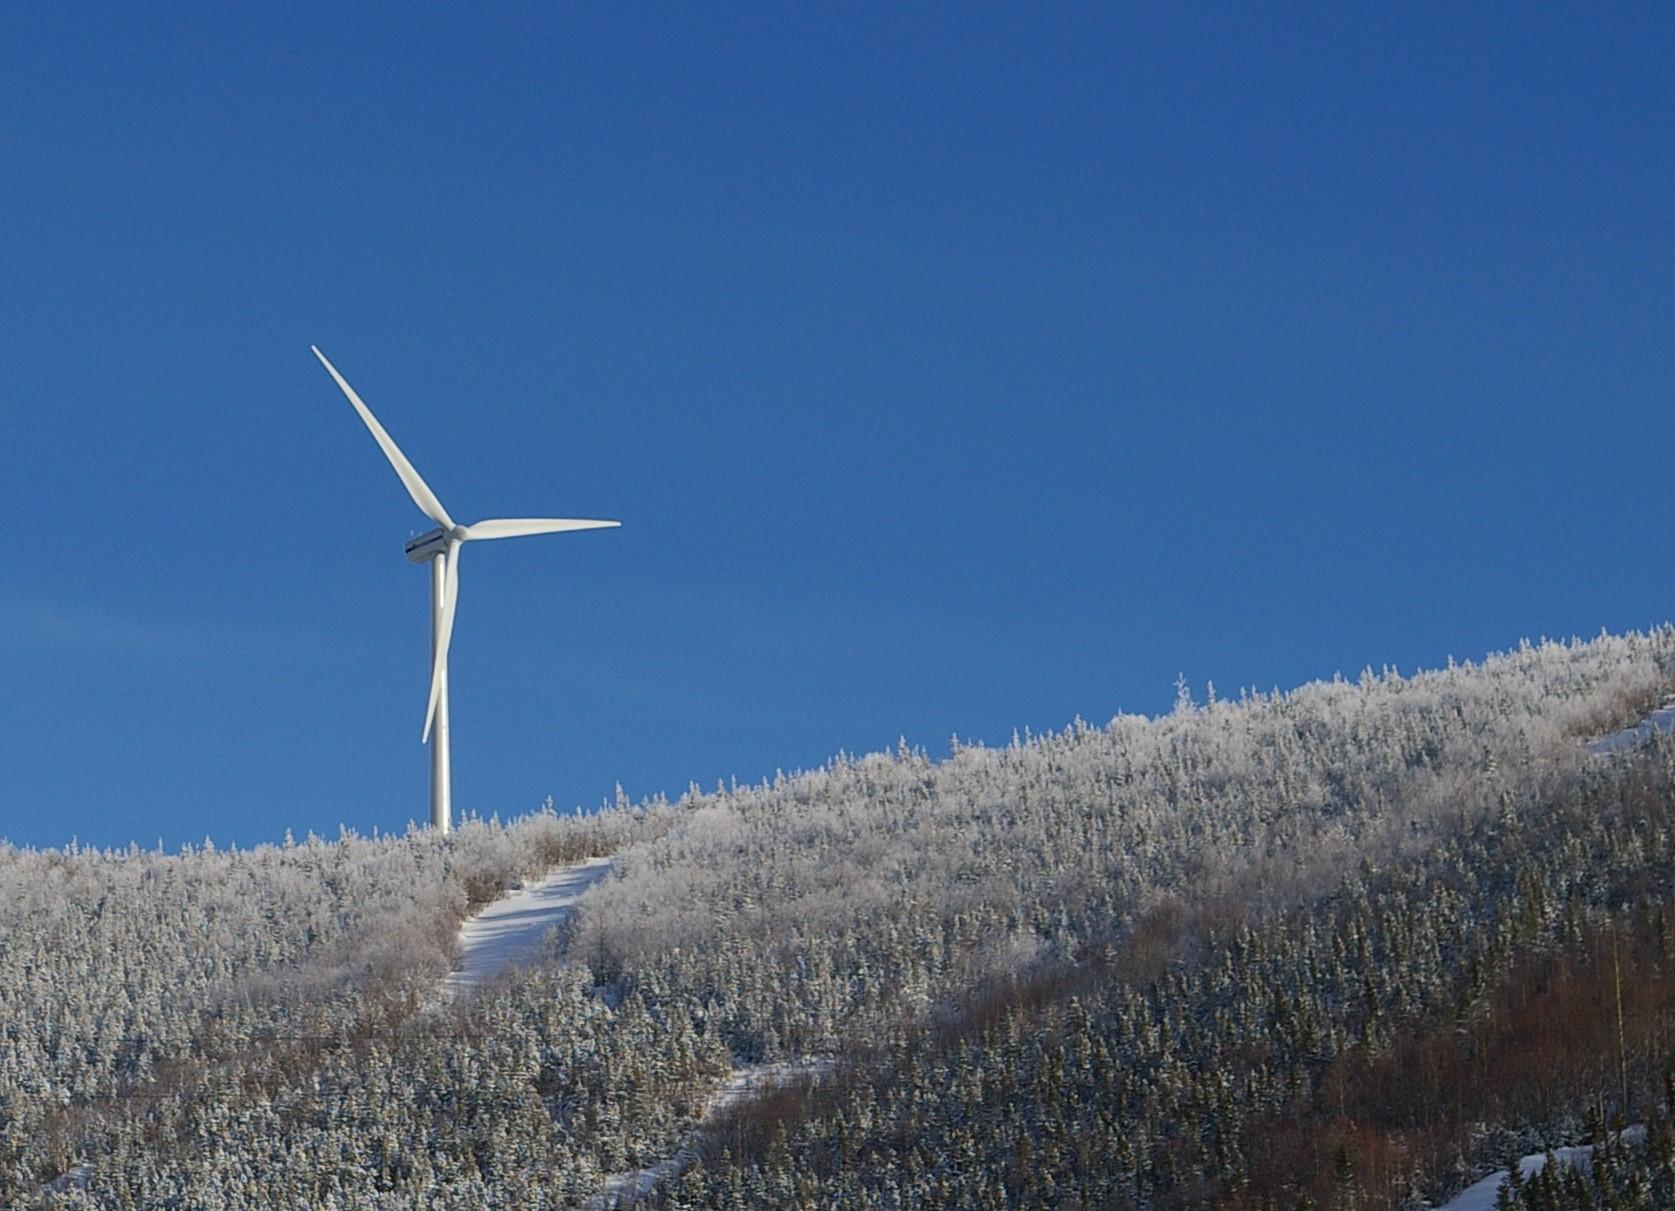 Projet éolien des Monts du Forez : la justice rejette la requête des opposants contre l'autorisation préfectorale